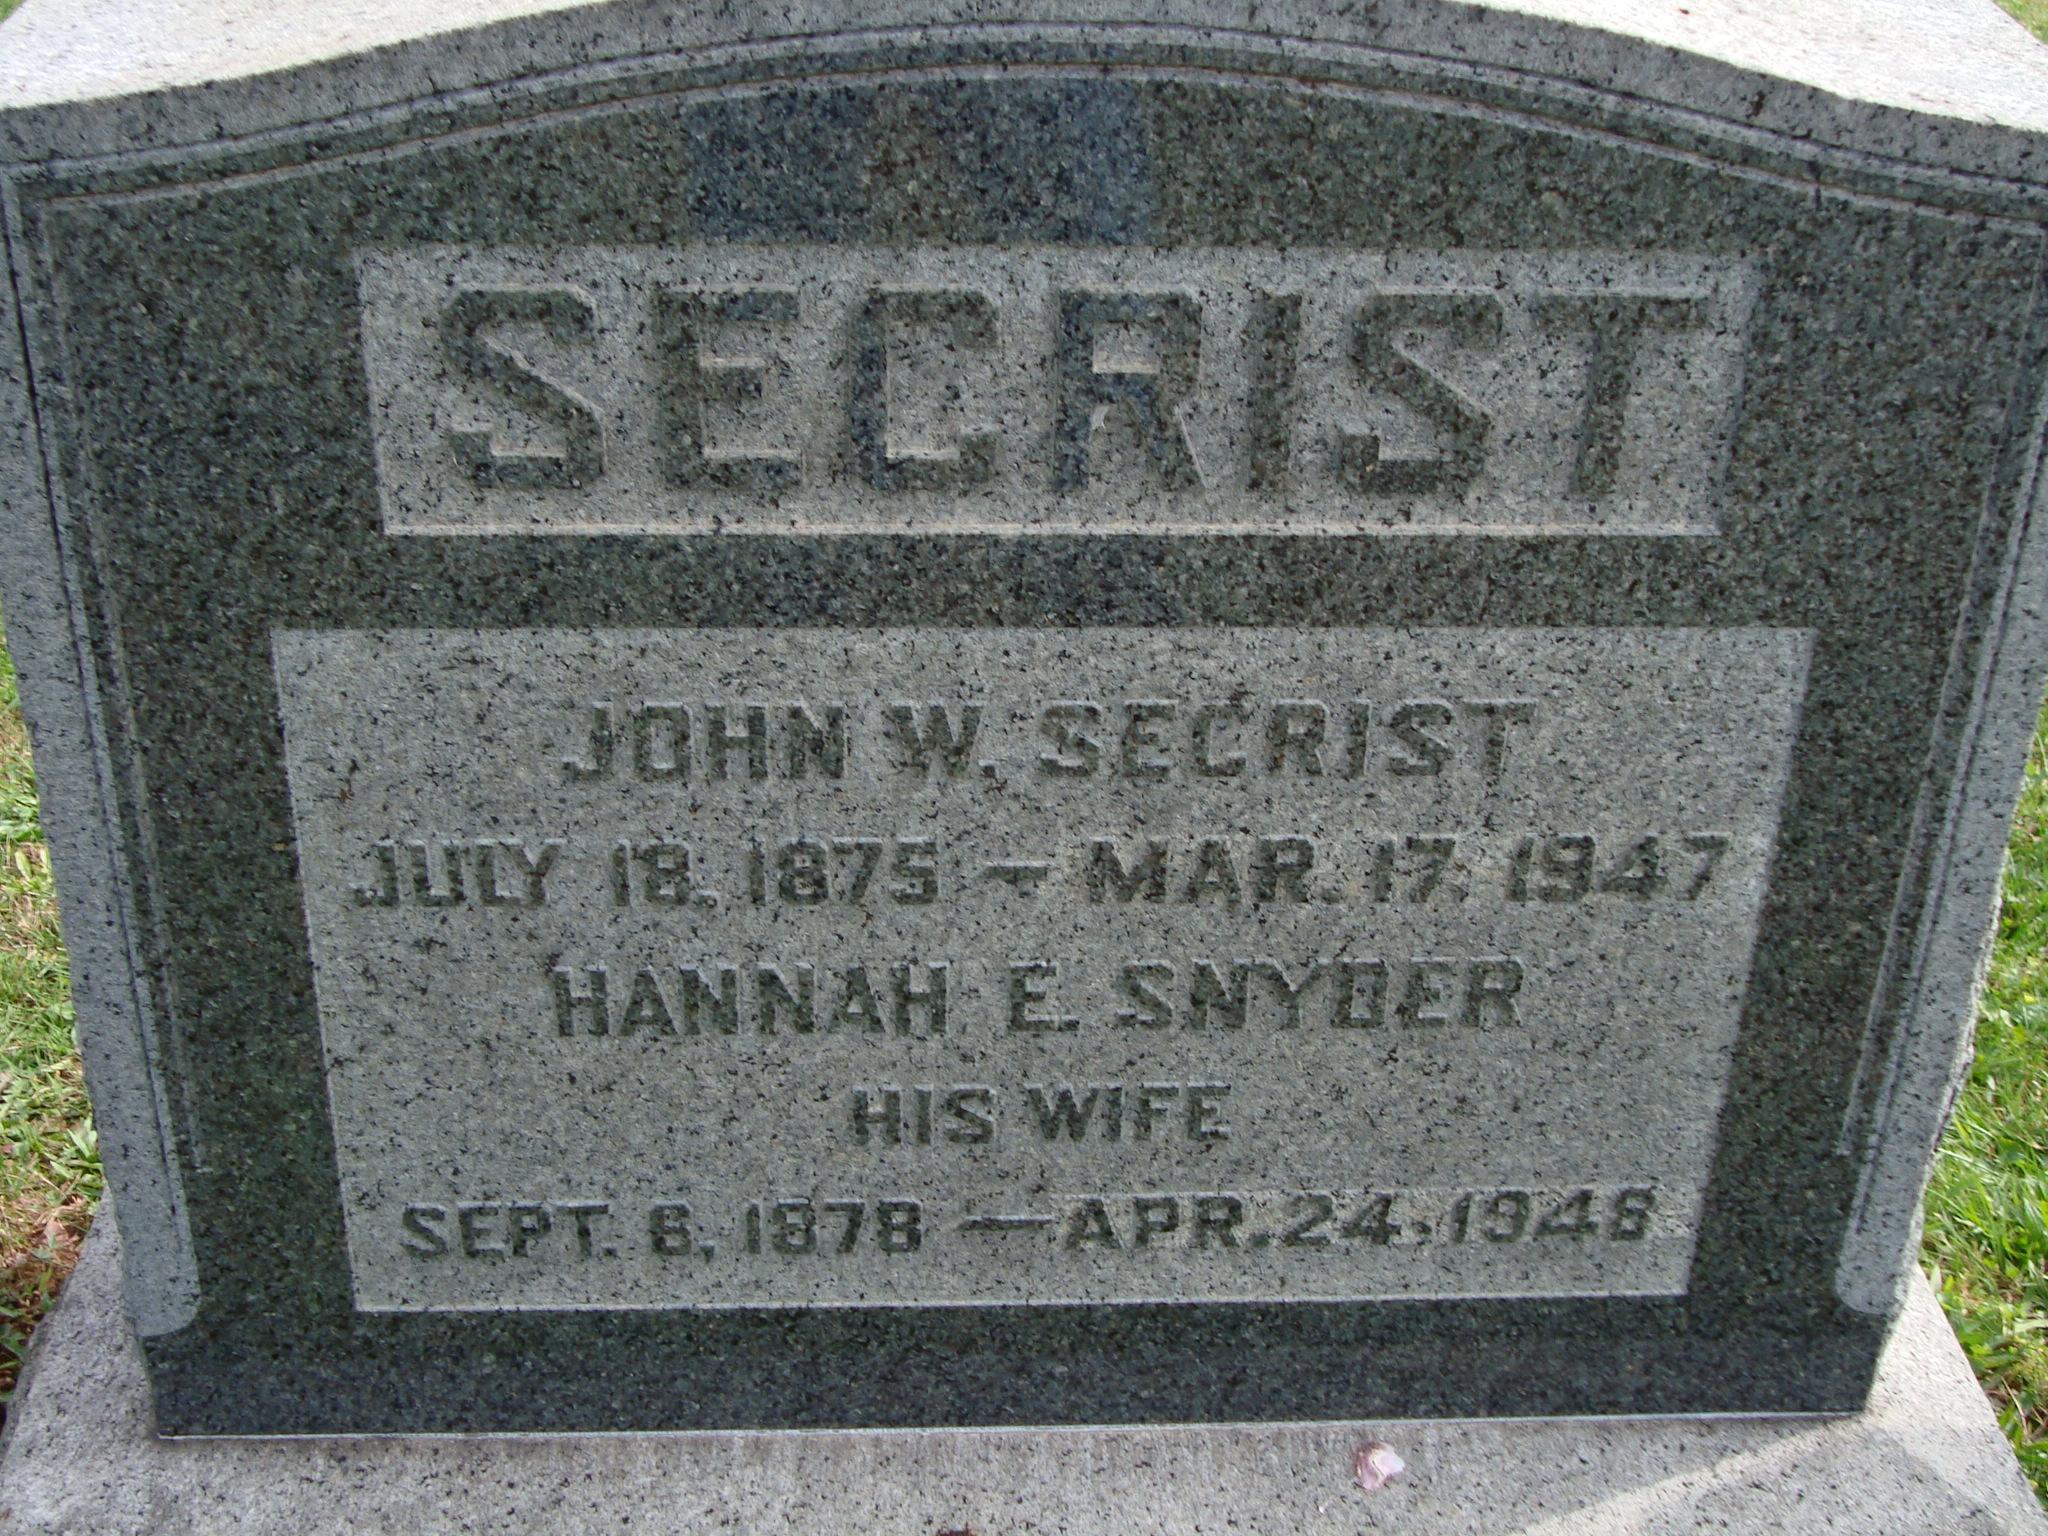 William Secrist